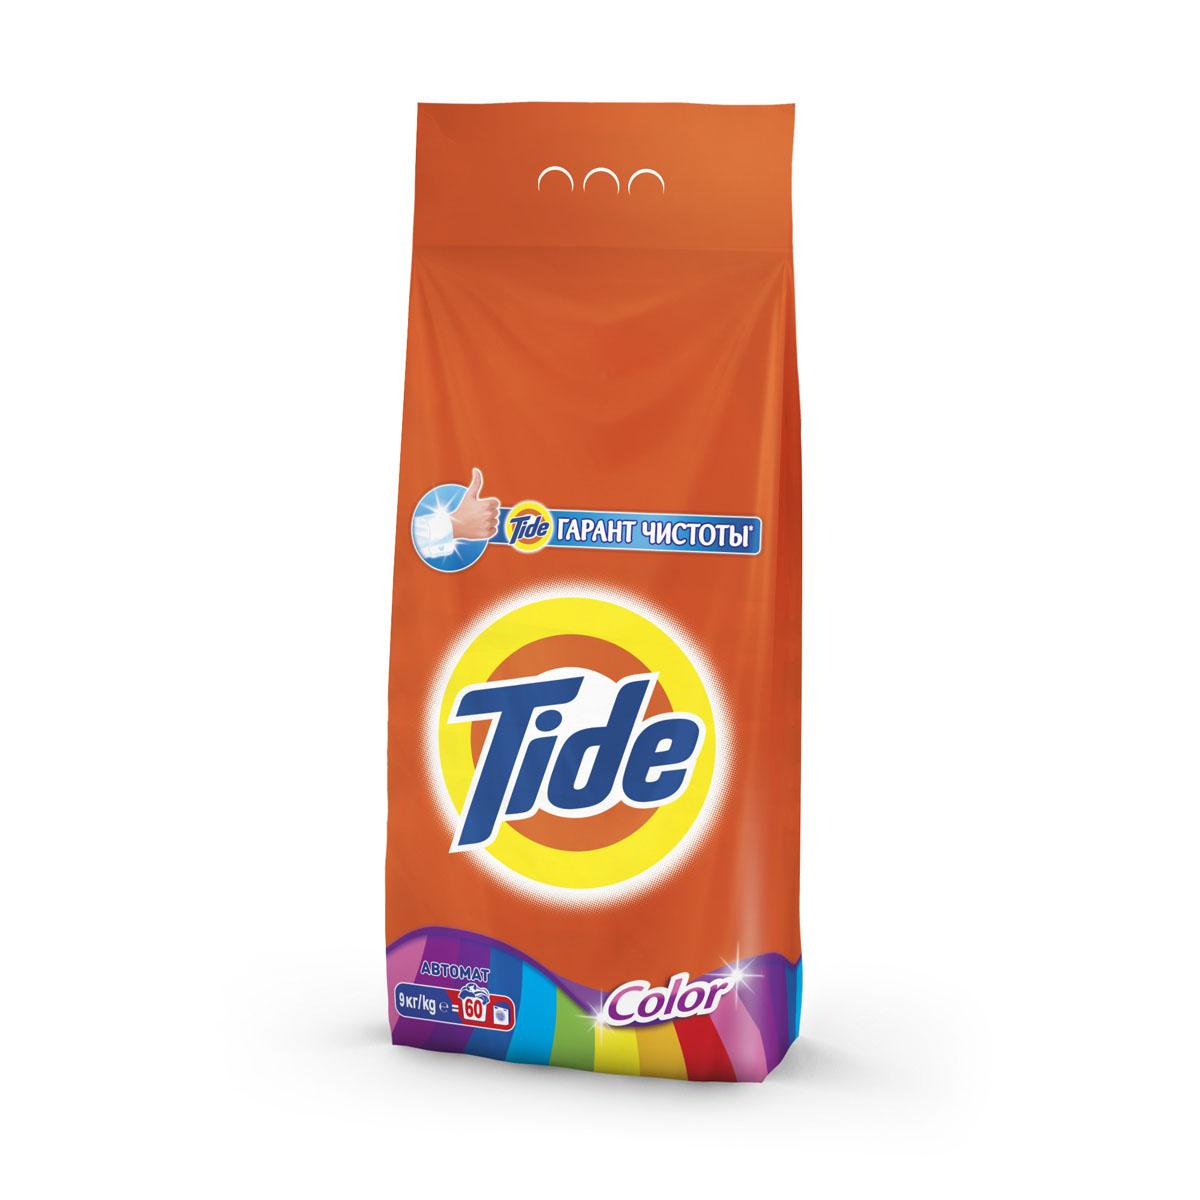 Порошок стиральный Tide Color, для цветных вещей, автомат, 9 кг стиральный порошок пемос зимнее утро 350г